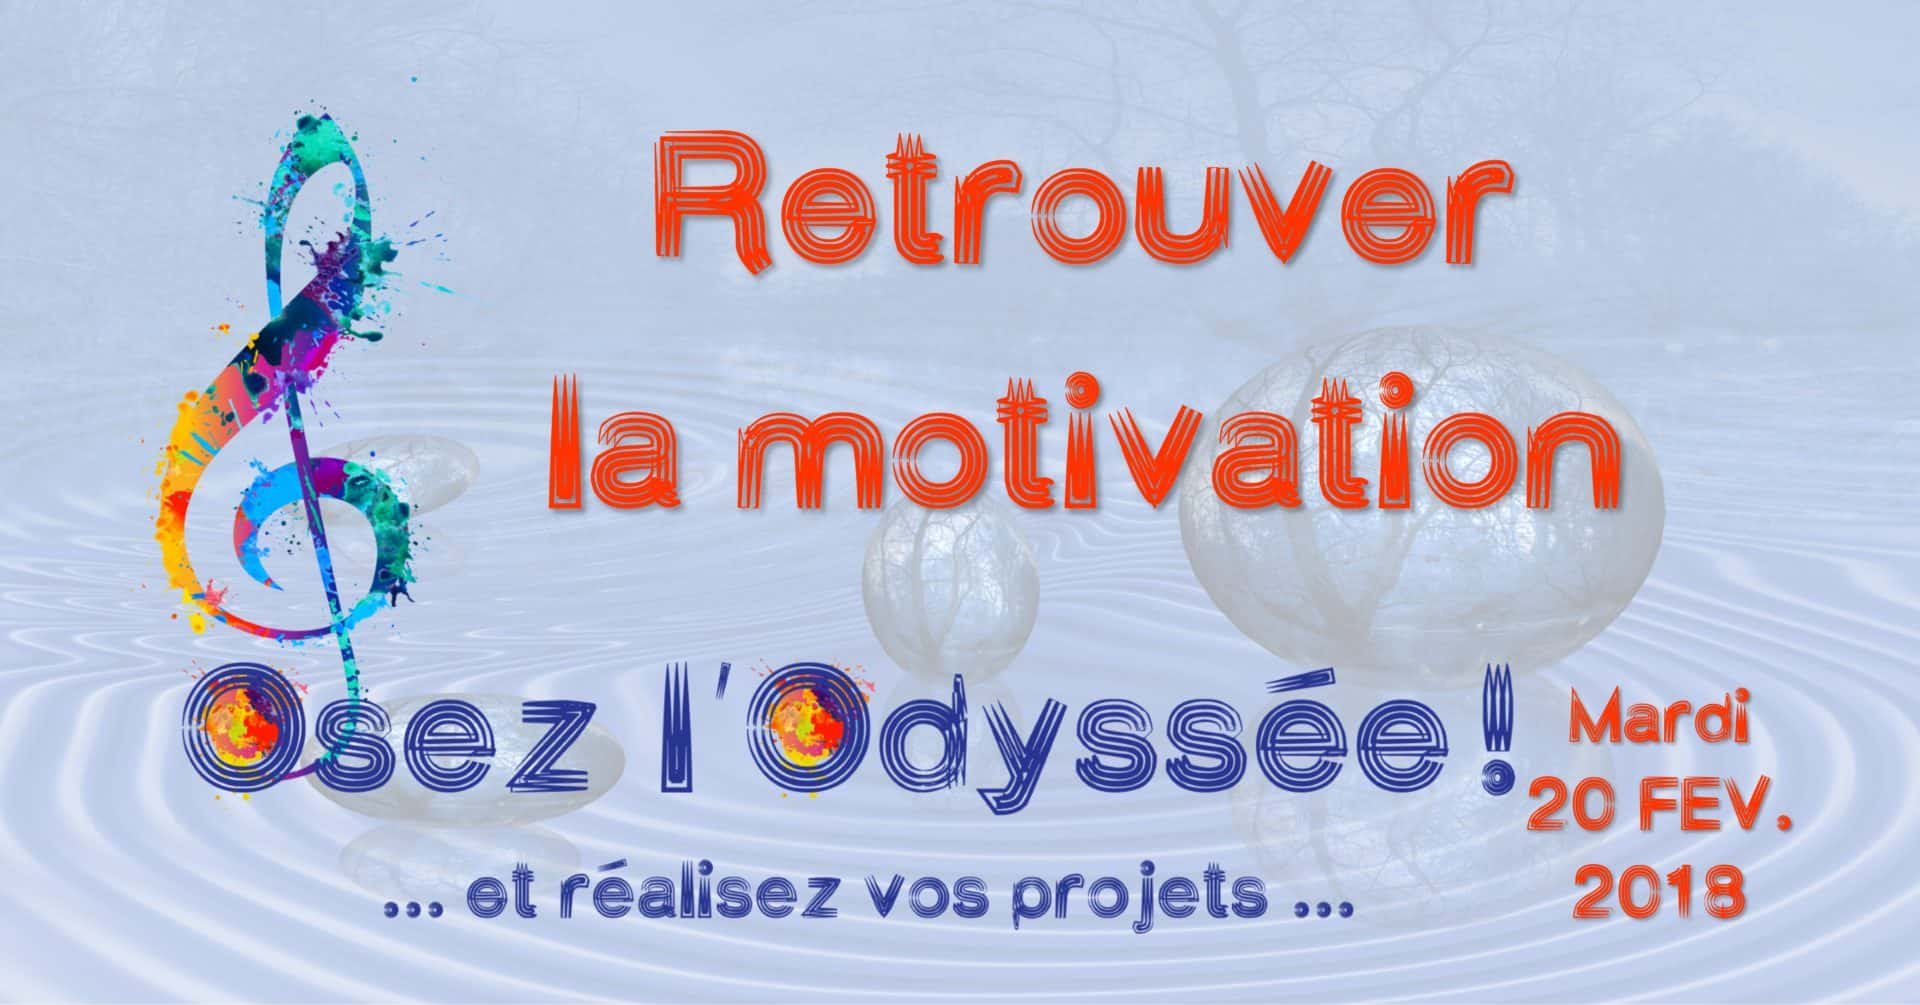 Retrouver la motivation février 2018 Coaching Osez l'Odyssée